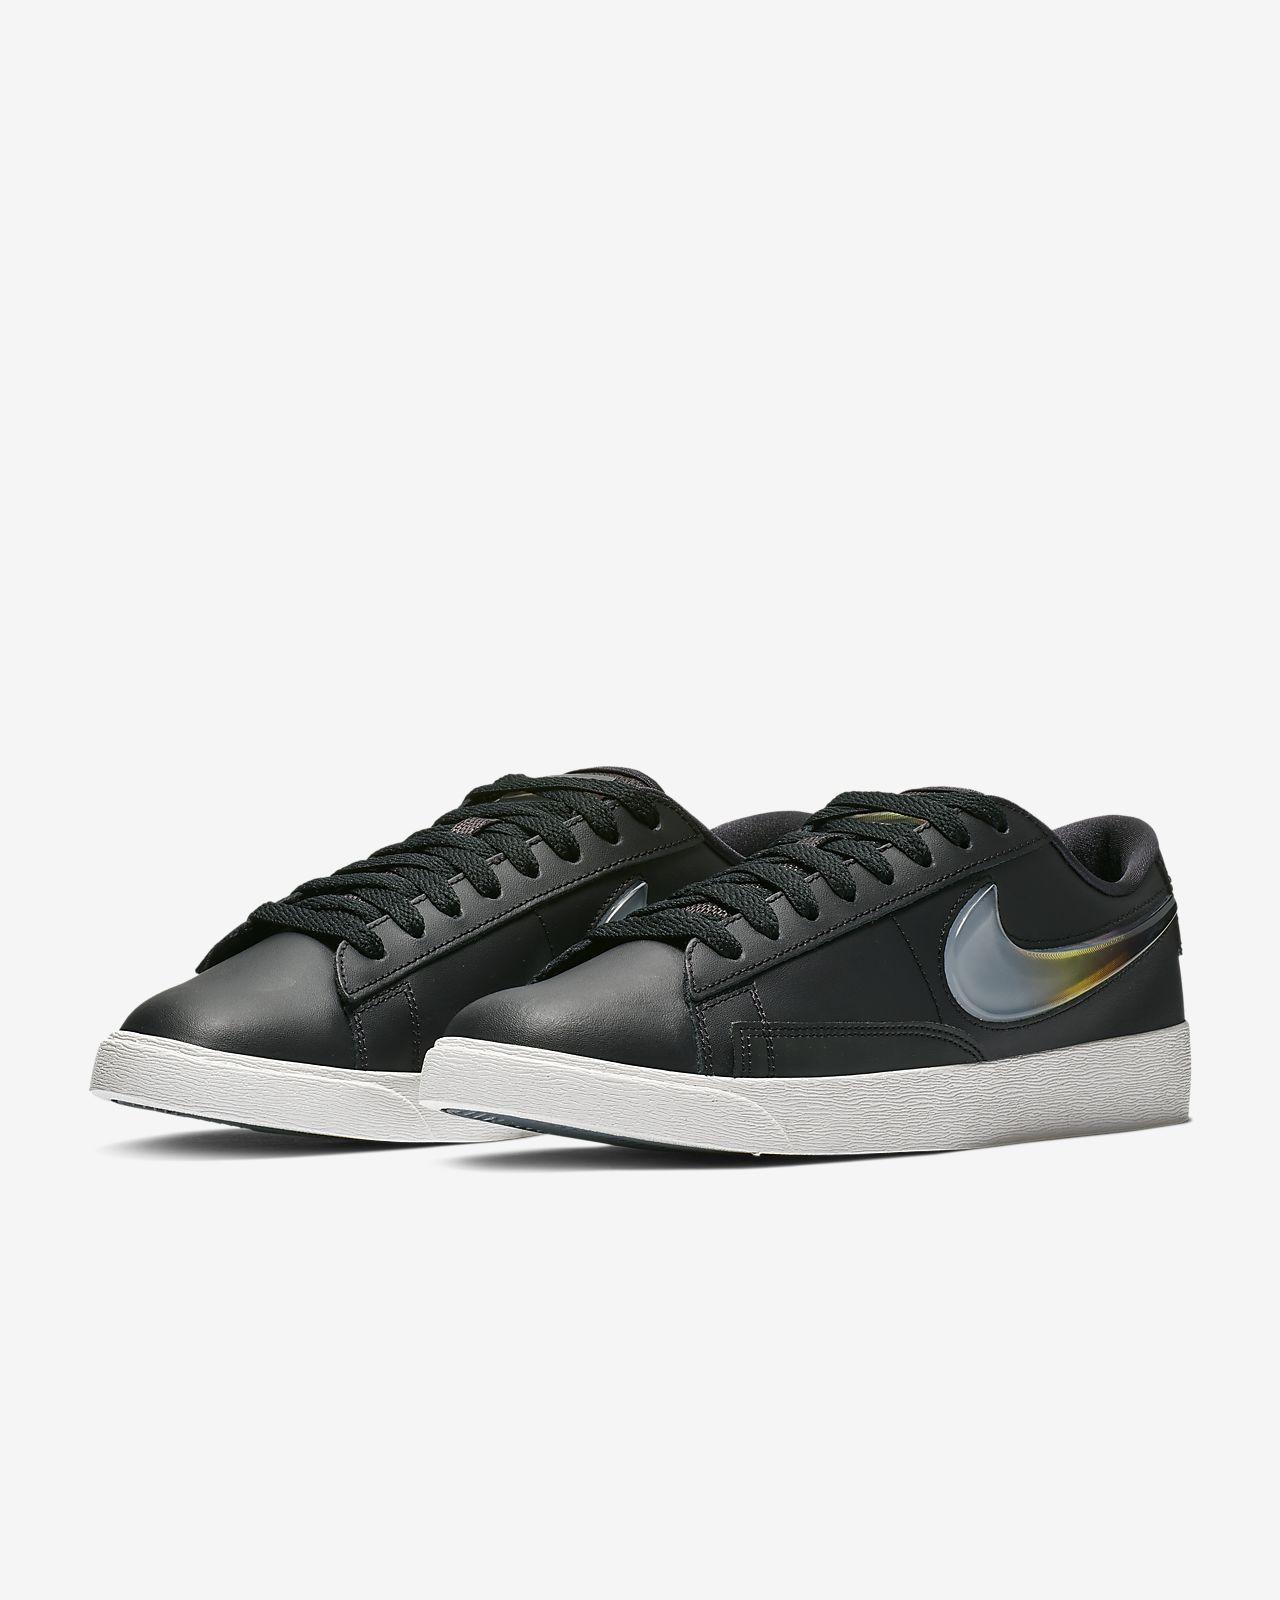 huge discount 52a45 e24af ... Nike Blazer Low Lux Premium-sko til kvinder